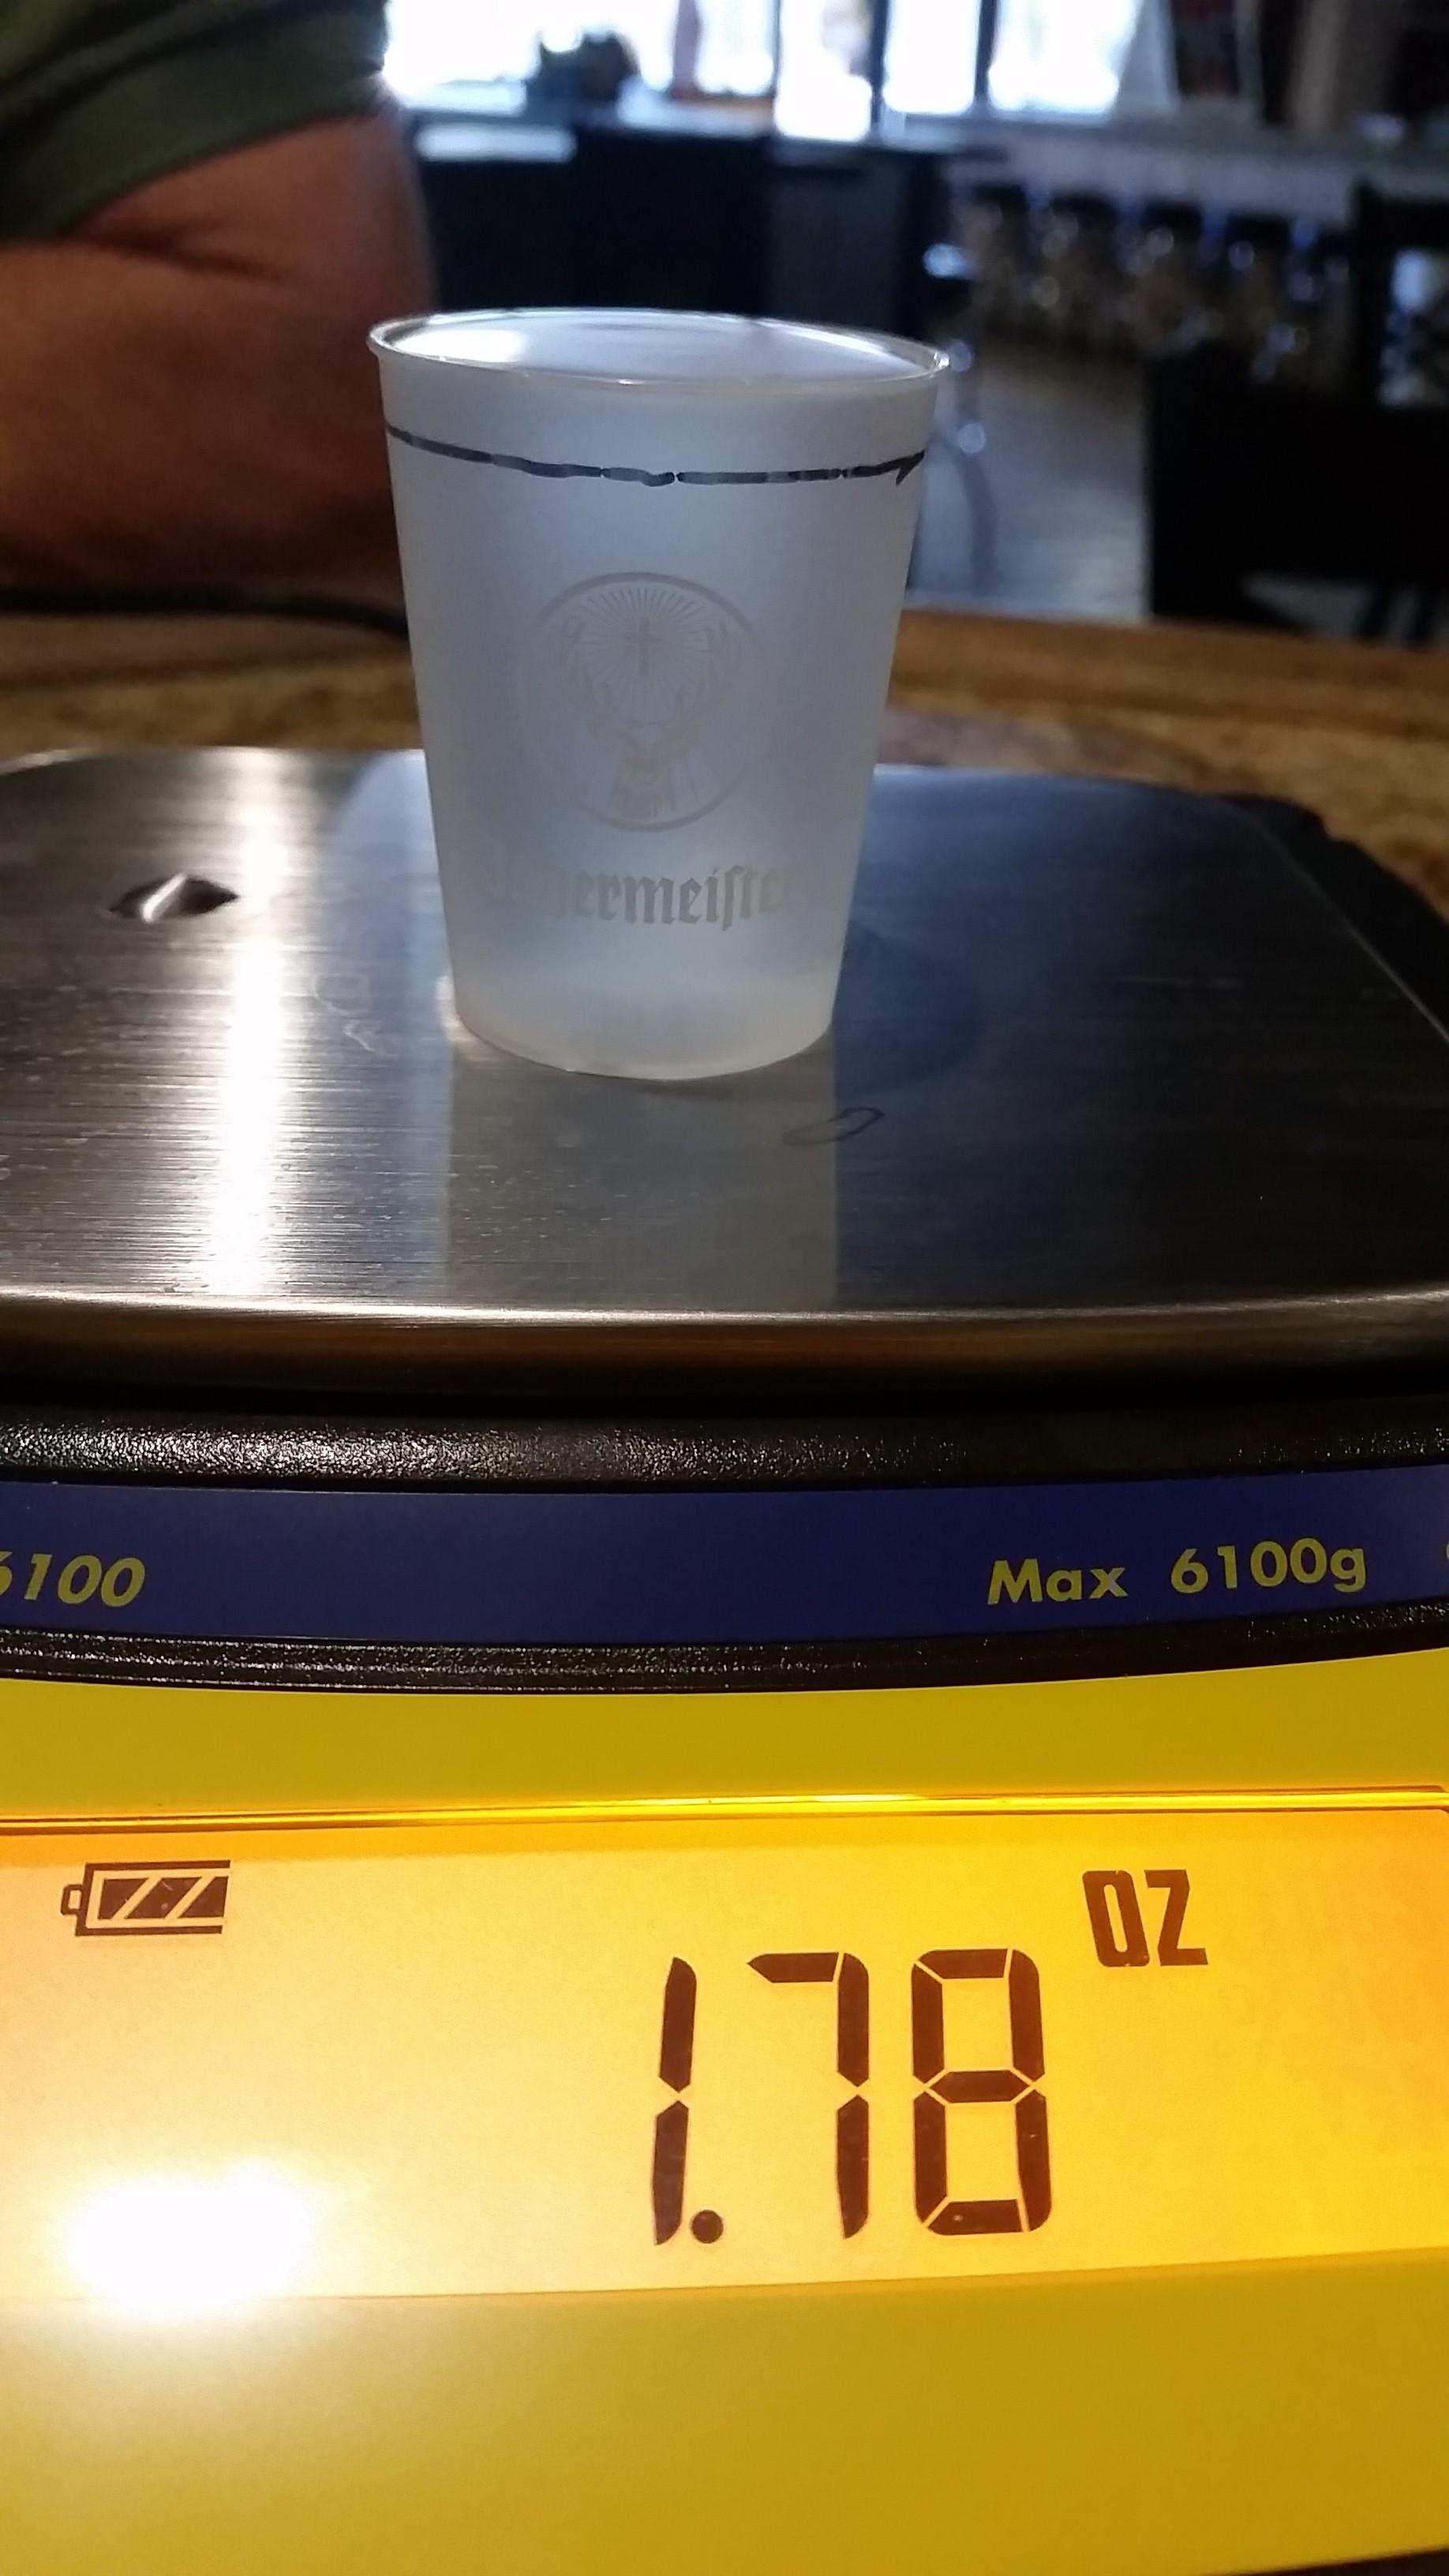 portion size for full promo plastic shot glass